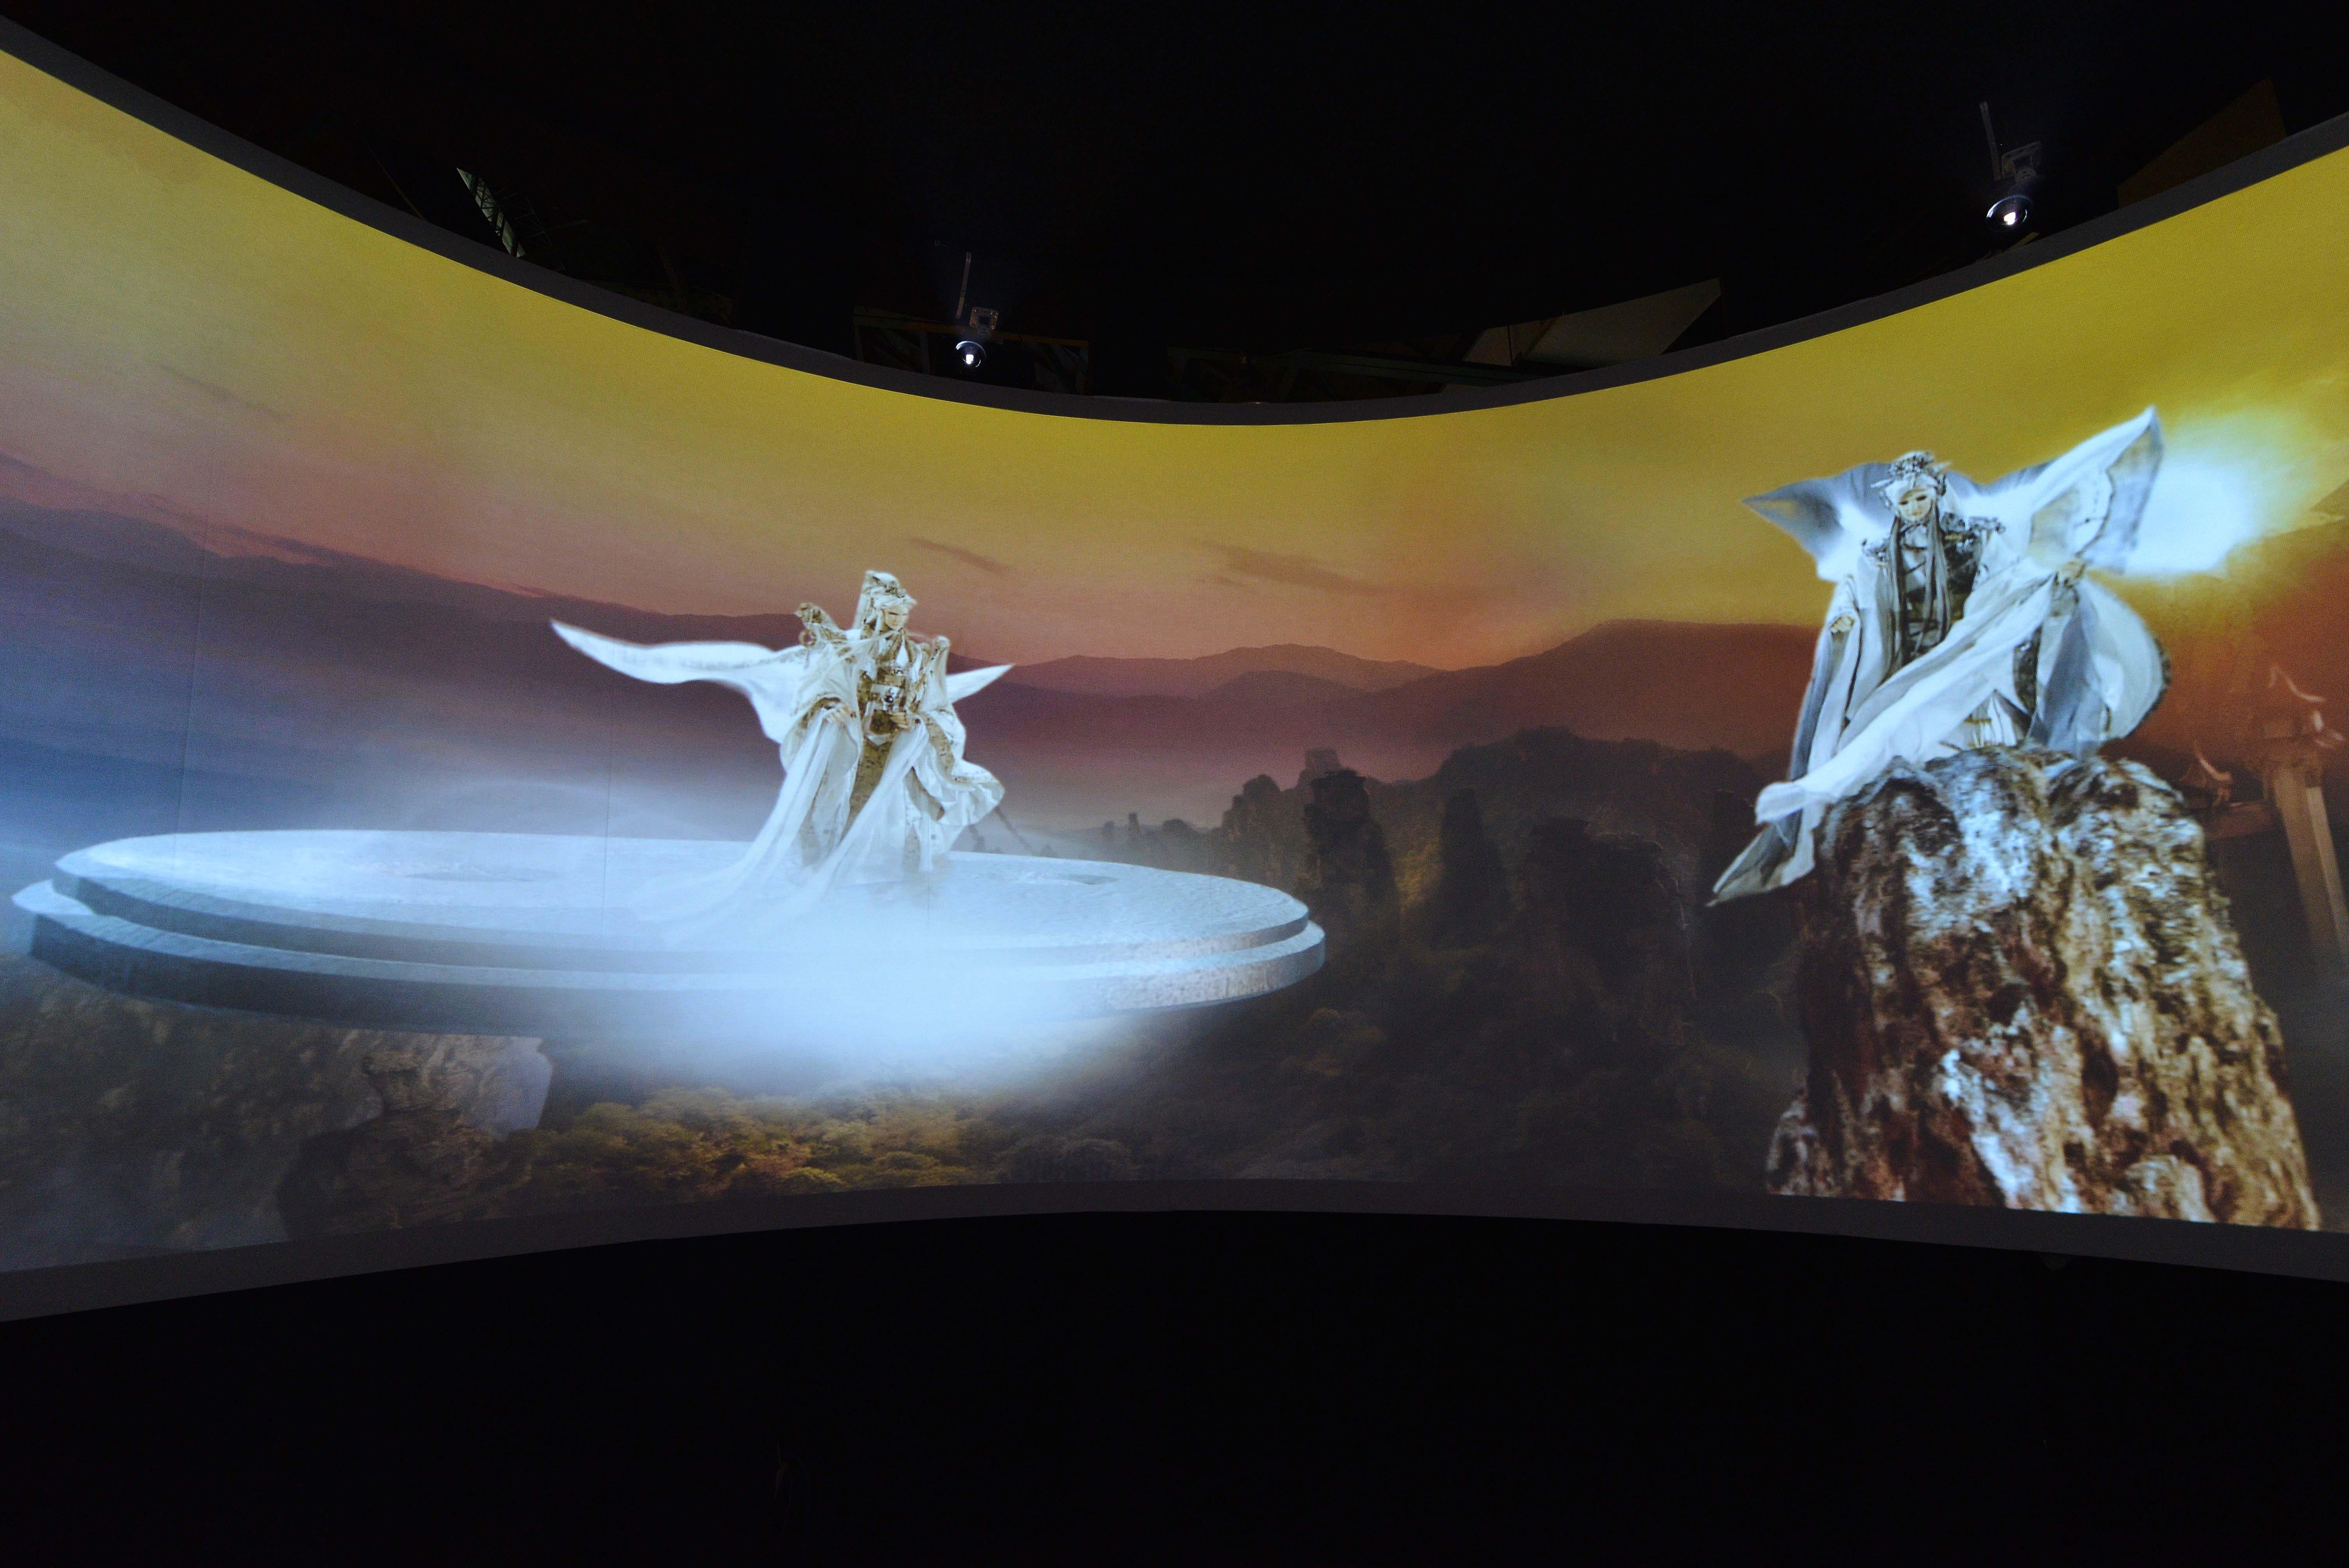 霹靂大展揭幕,Optoma整合服務再添實績 360度環型投影、3D立體、浮空等互動投影,置身異境世界